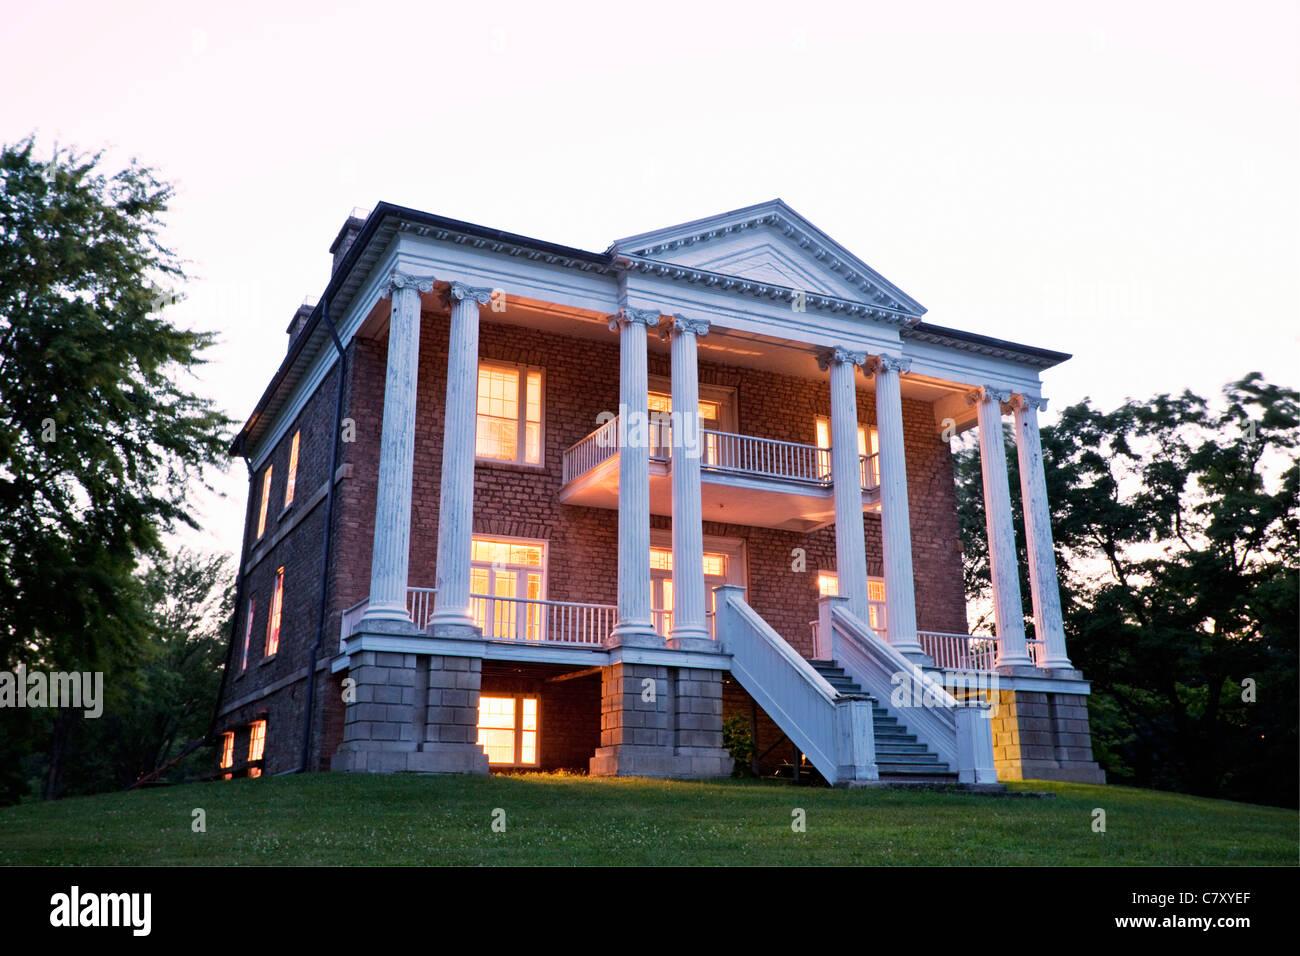 Ontario,Canadá,Queenston, el Willowbank Greek Revival es una casa construida en 1834 y designado como un Sitio Imagen De Stock